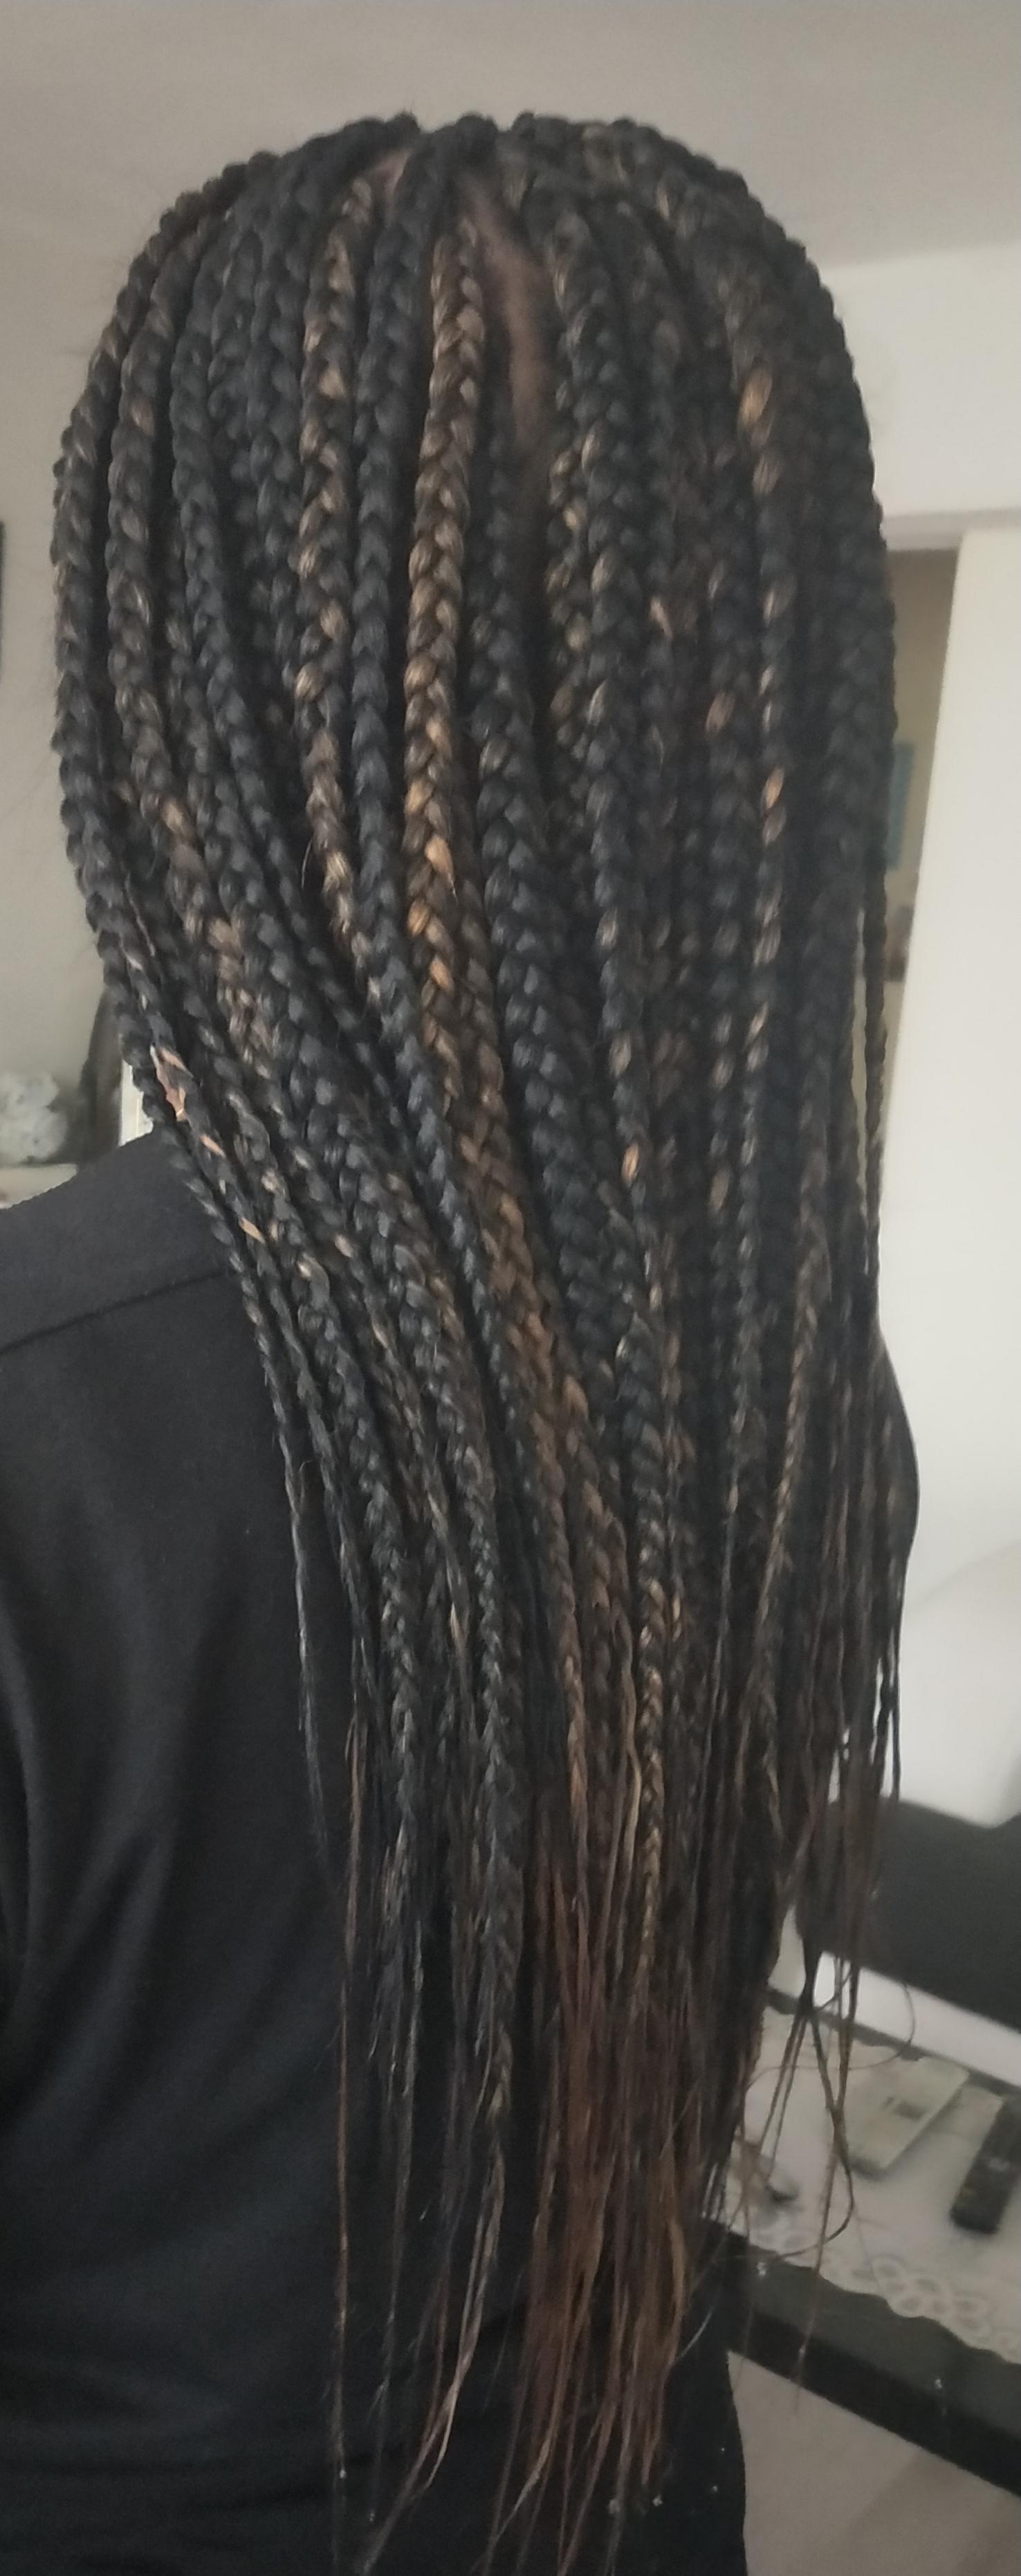 salon de coiffure afro tresse tresses box braids crochet braids vanilles tissages paris 75 77 78 91 92 93 94 95 FPDZPBSJ